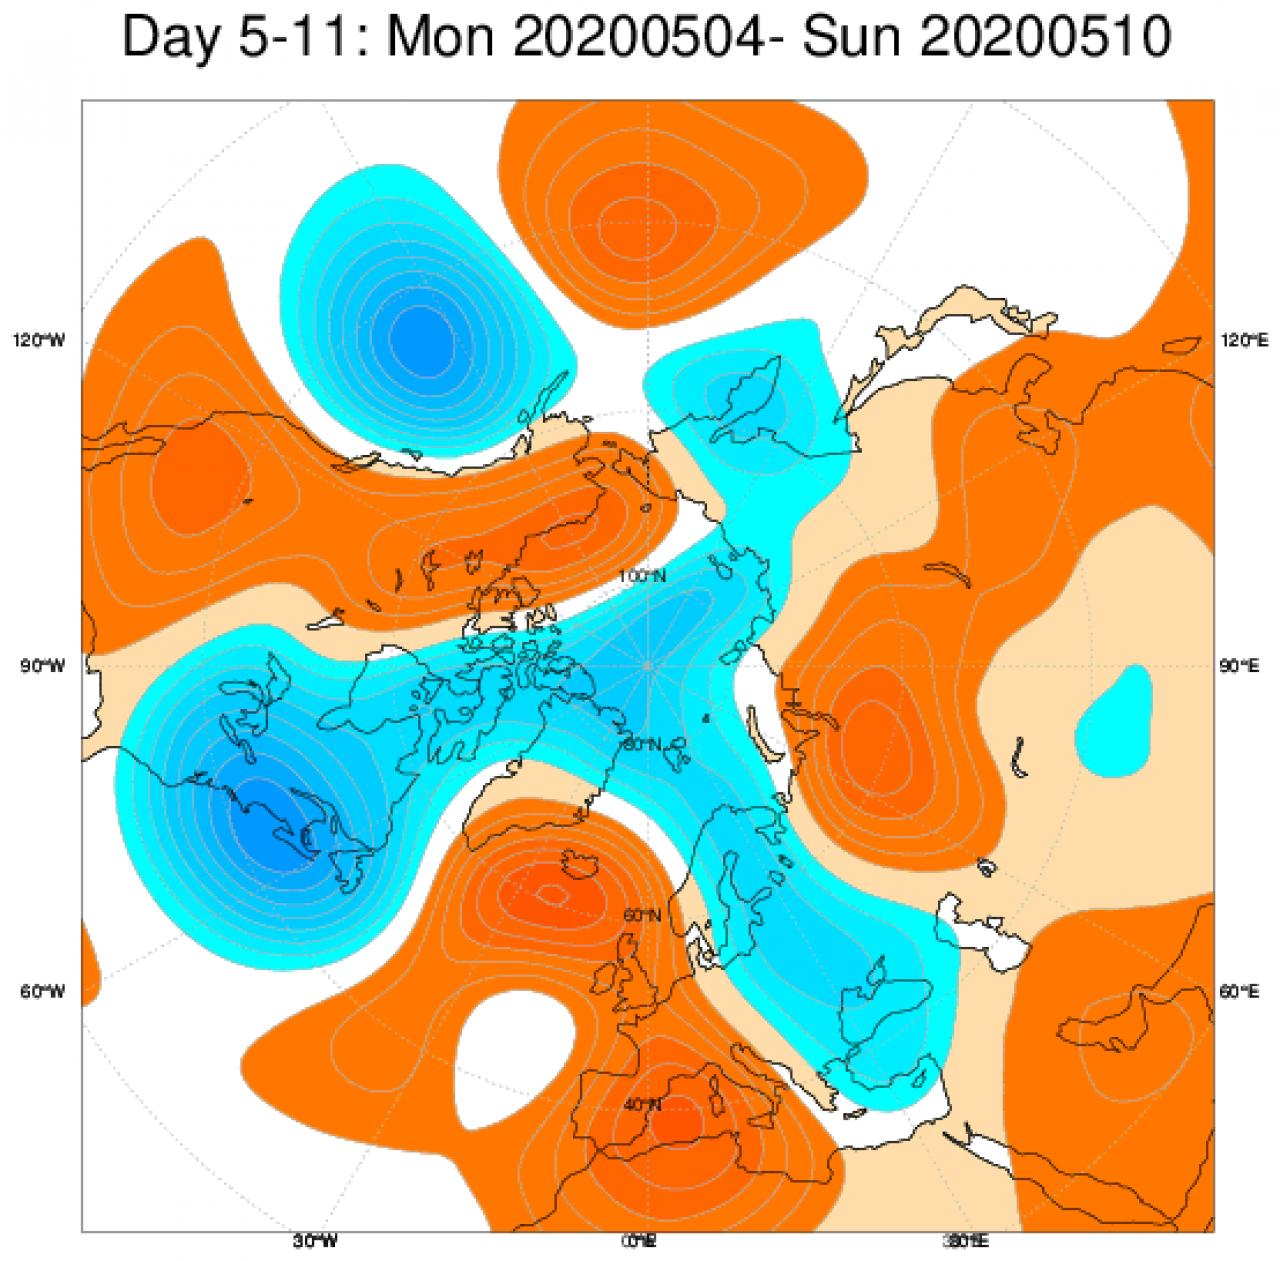 Le anomalie di geopotenziale mediate sul periodo 4-10 maggio secondo il modello ECMWF